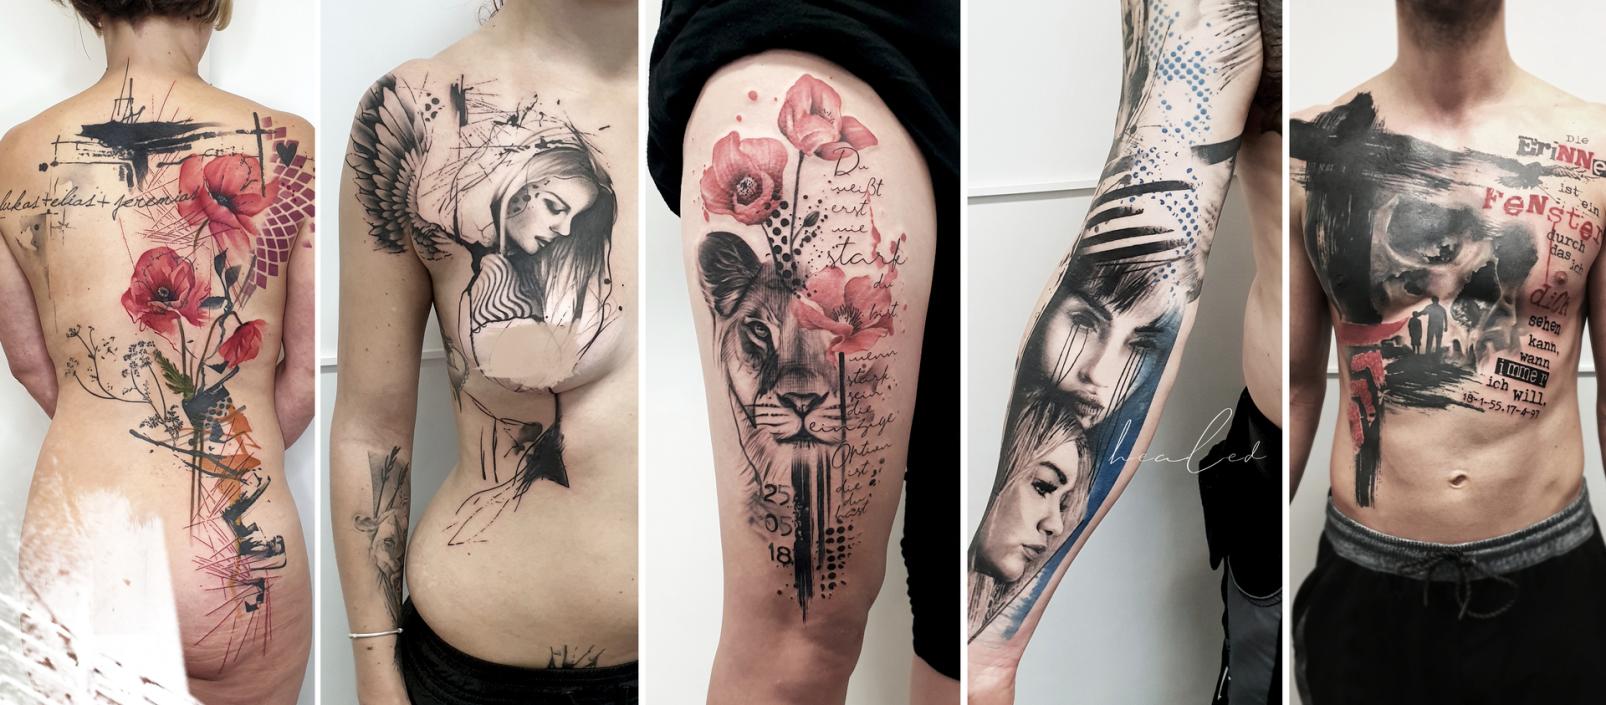 Stechpunkt Aquarell Tattoo